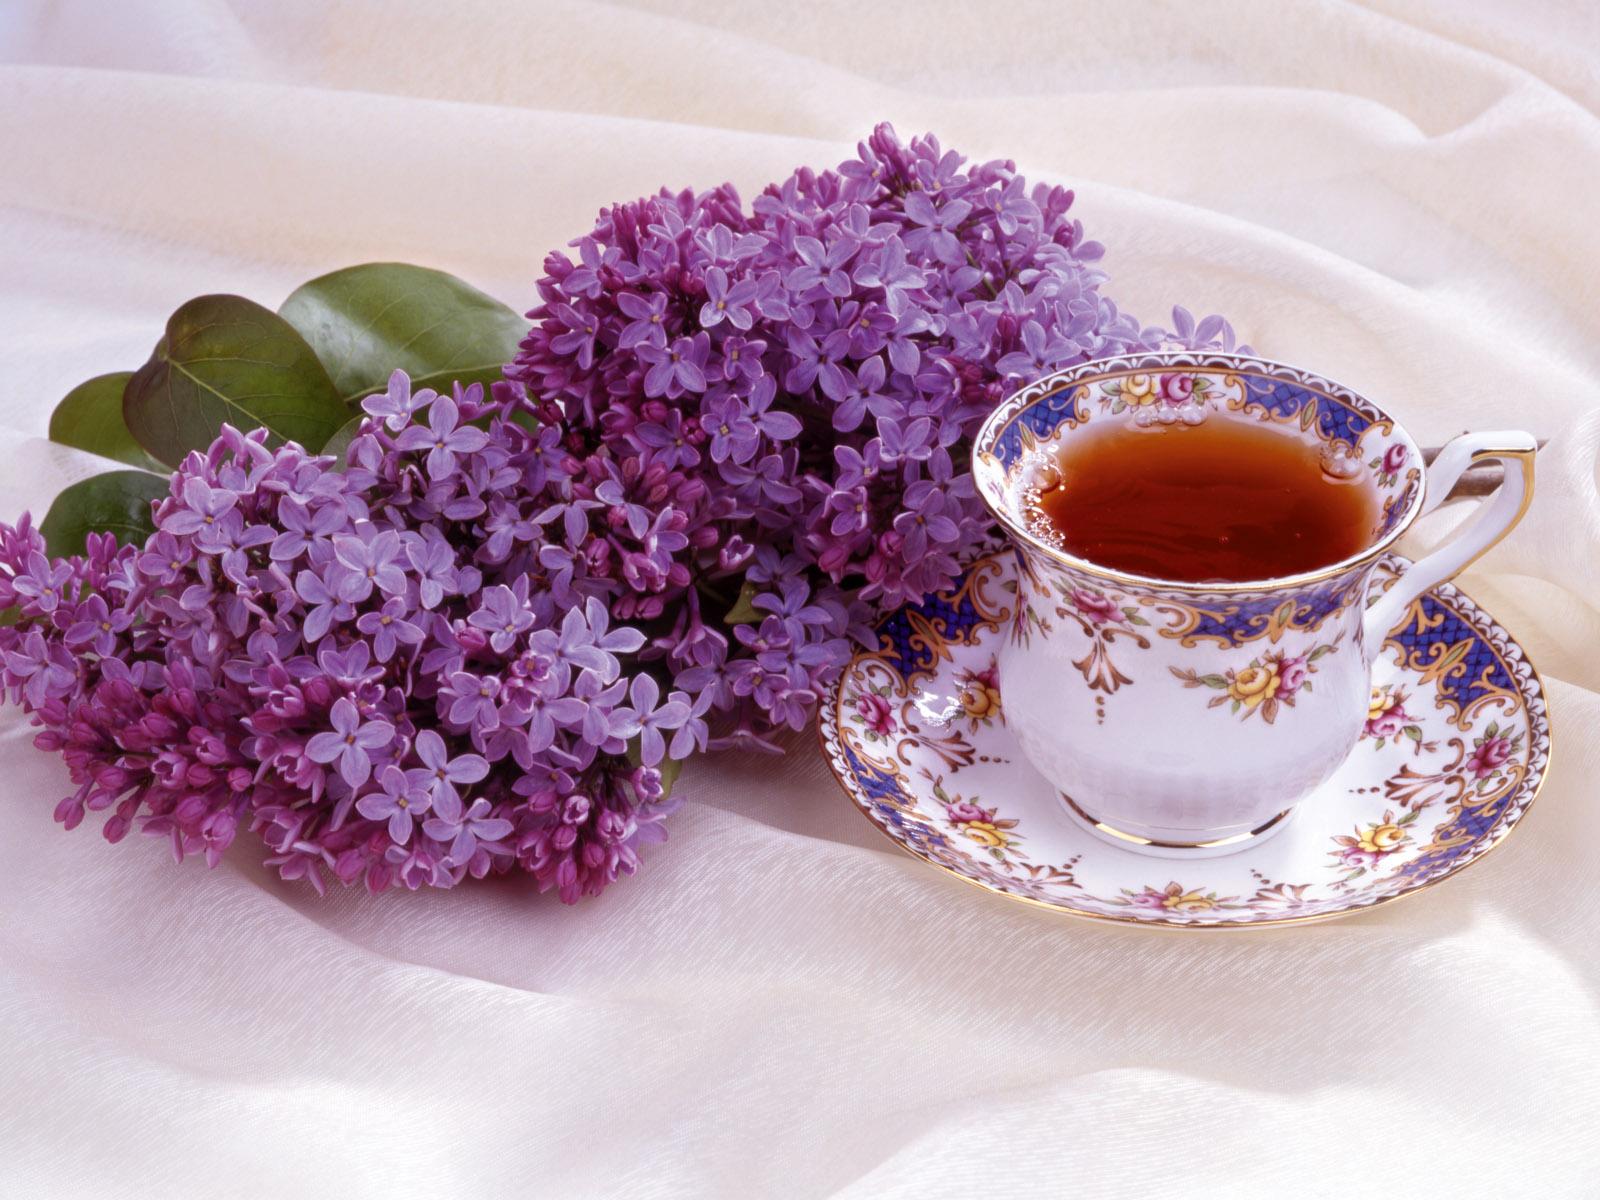 http://1.bp.blogspot.com/-2wslDqWRwGM/T23gyLQioGI/AAAAAAAAK-k/oHifllPBRbc/s1600/Lilac_and_Teacup.jpg